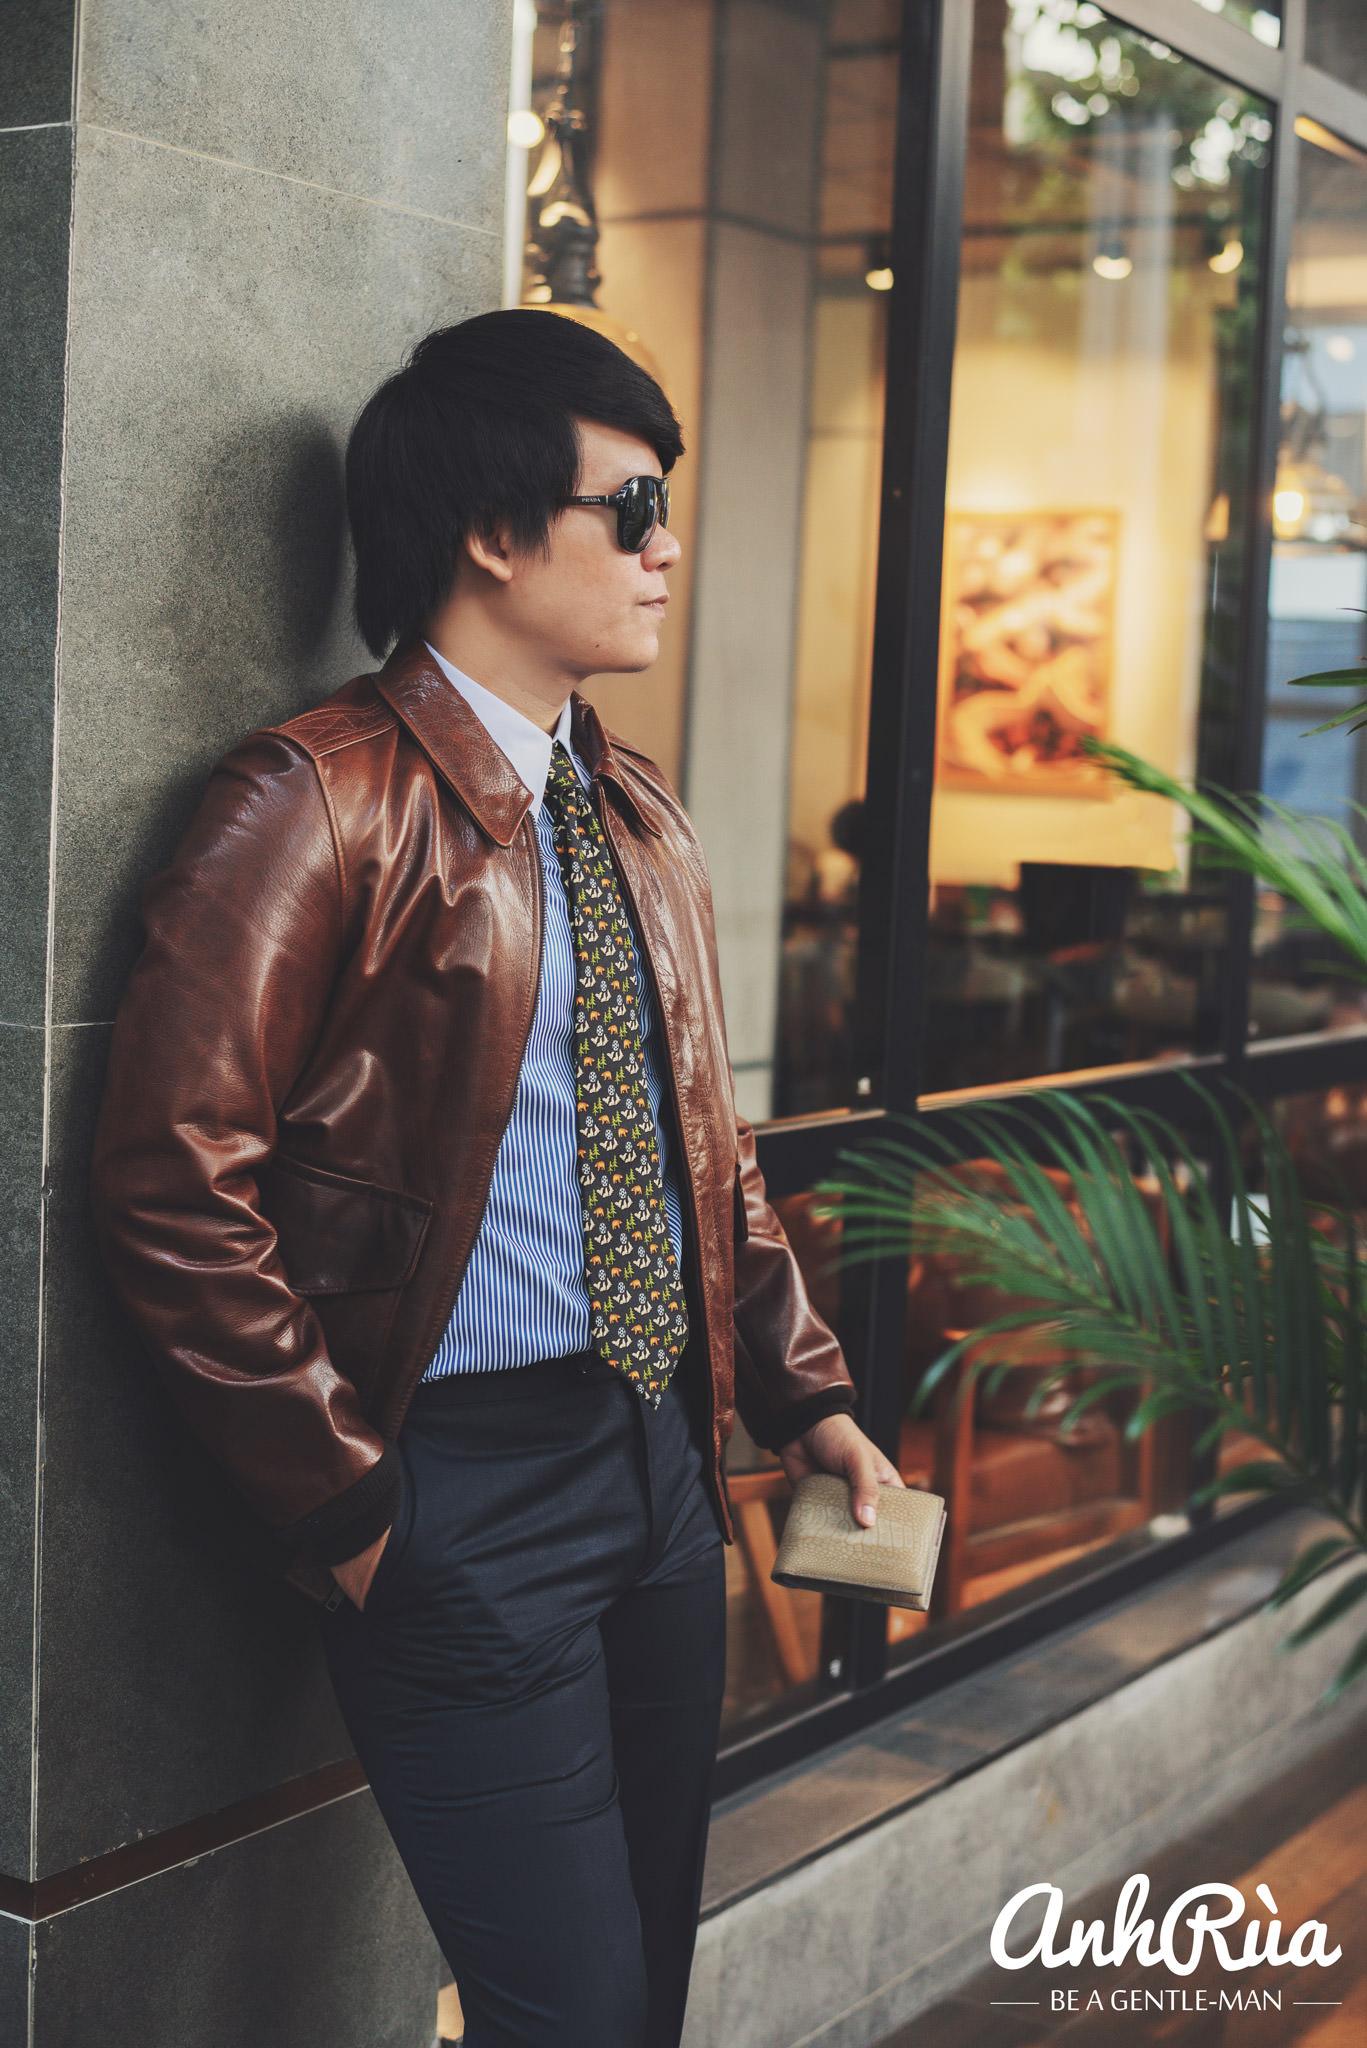 Định hướng Anh Rùa A2 leather jacket